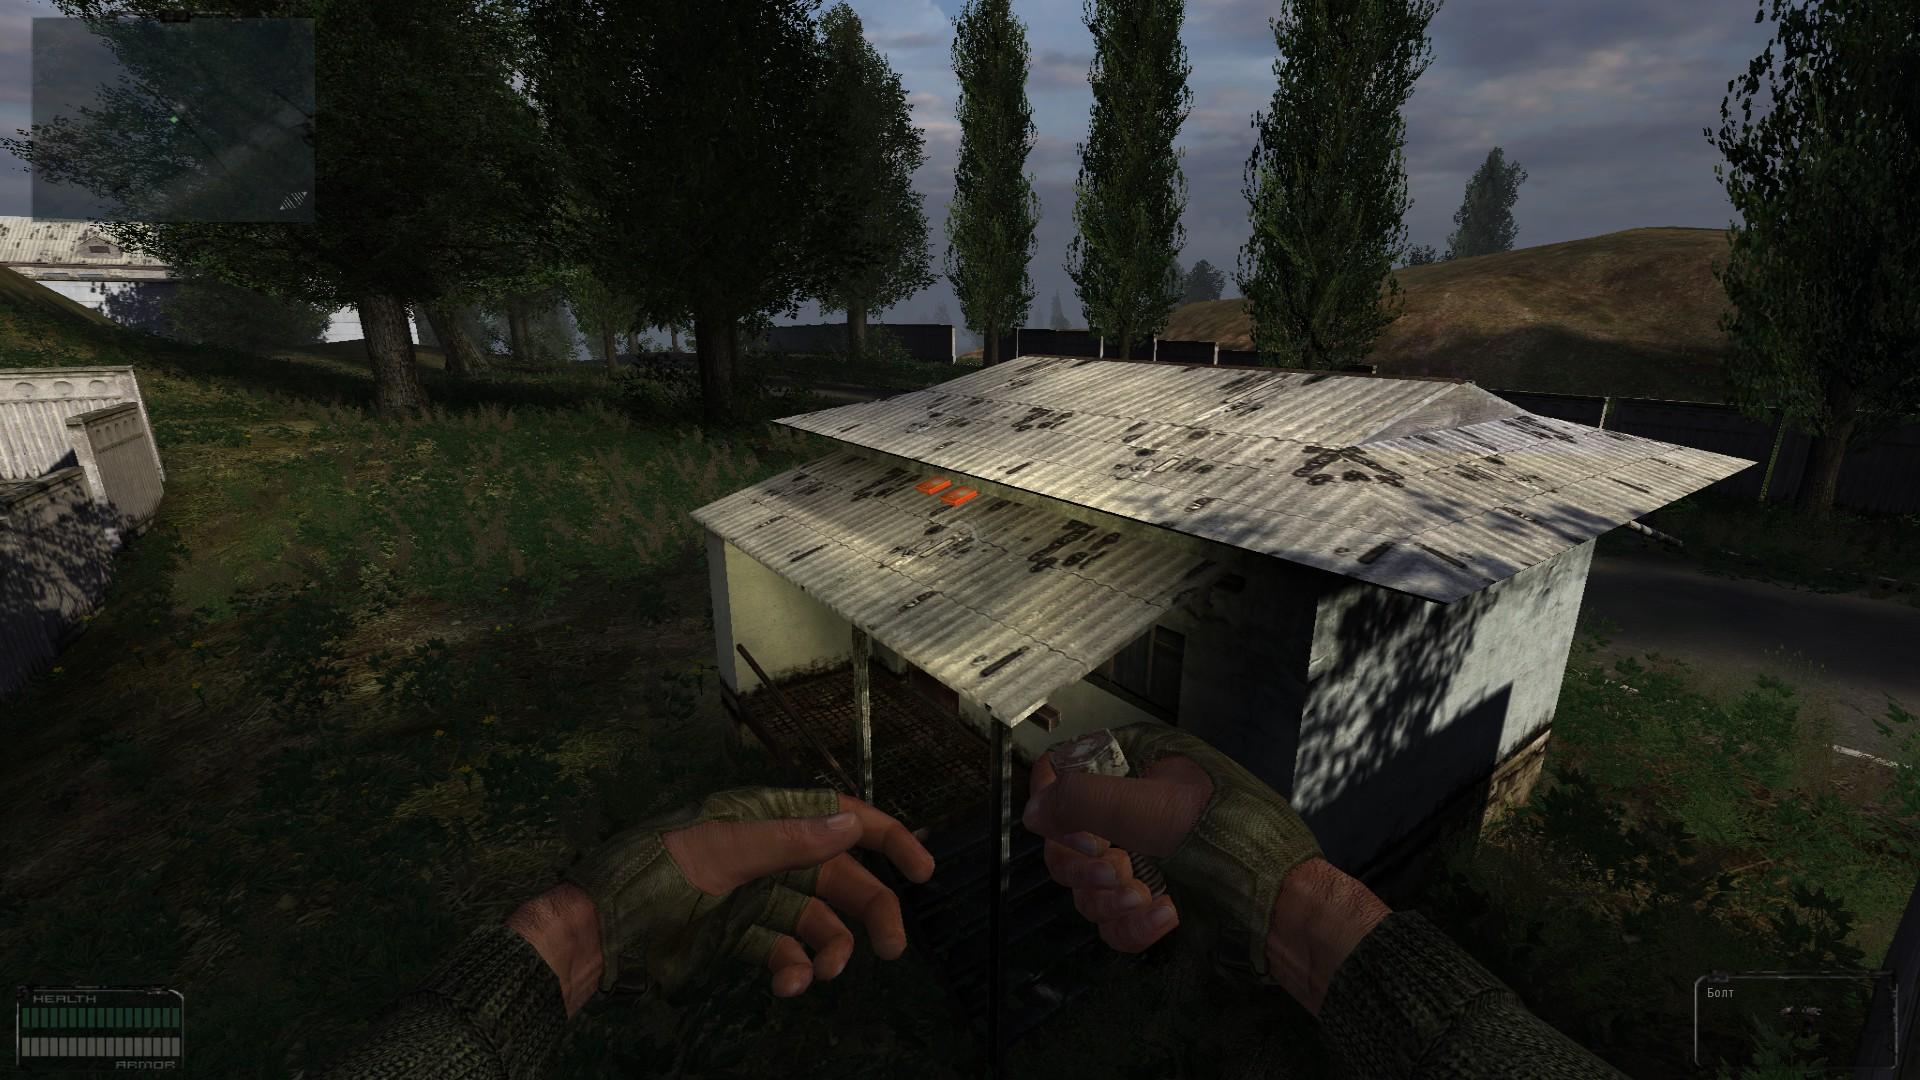 Oblivion Lost Remake 2.5 image 172